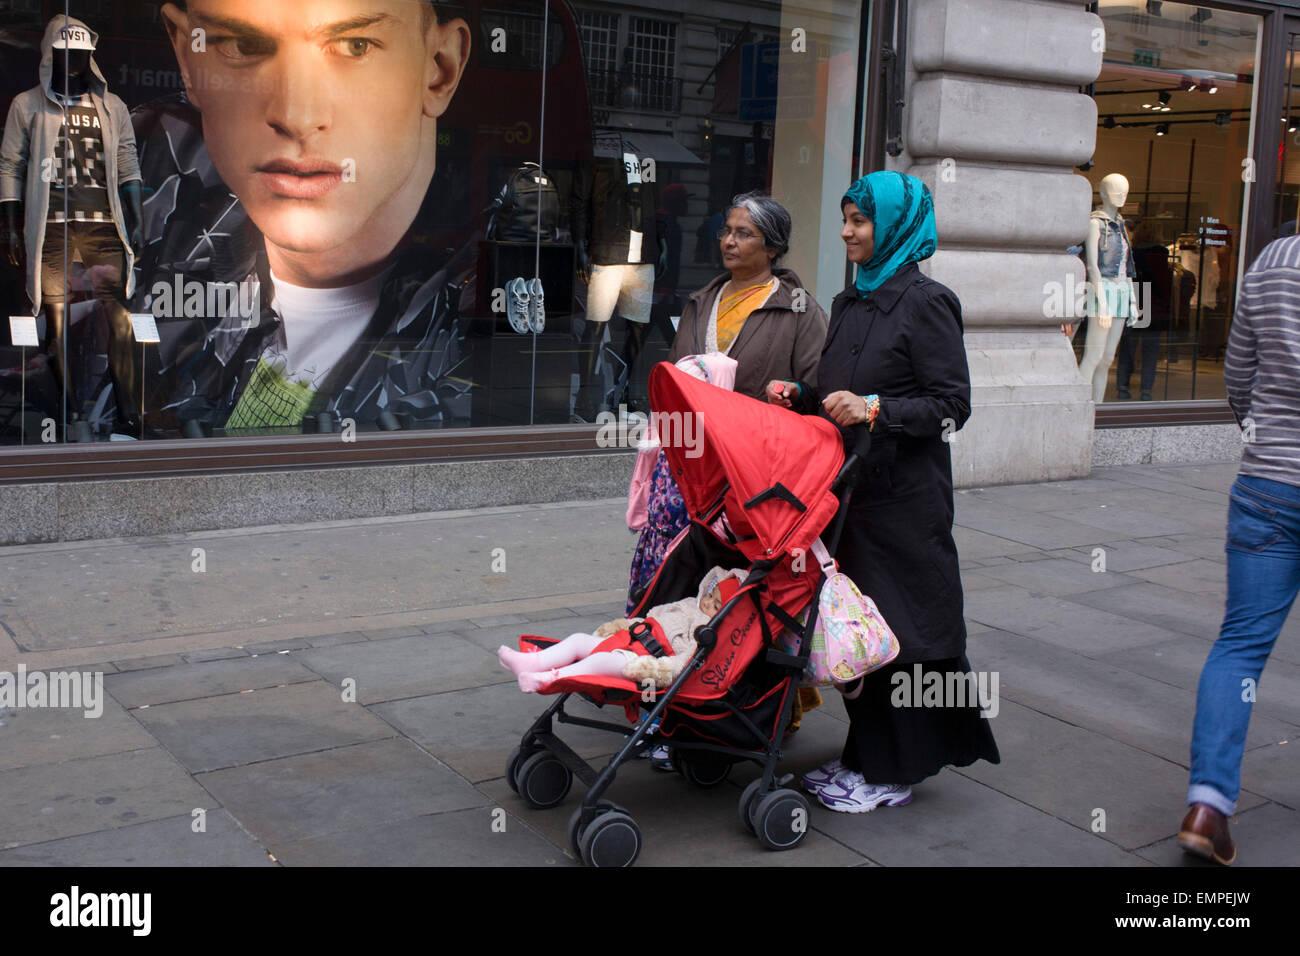 La famille de mousseline et d'une grande image d'un modèle masculin dans la fenêtre du détaillant Photo Stock